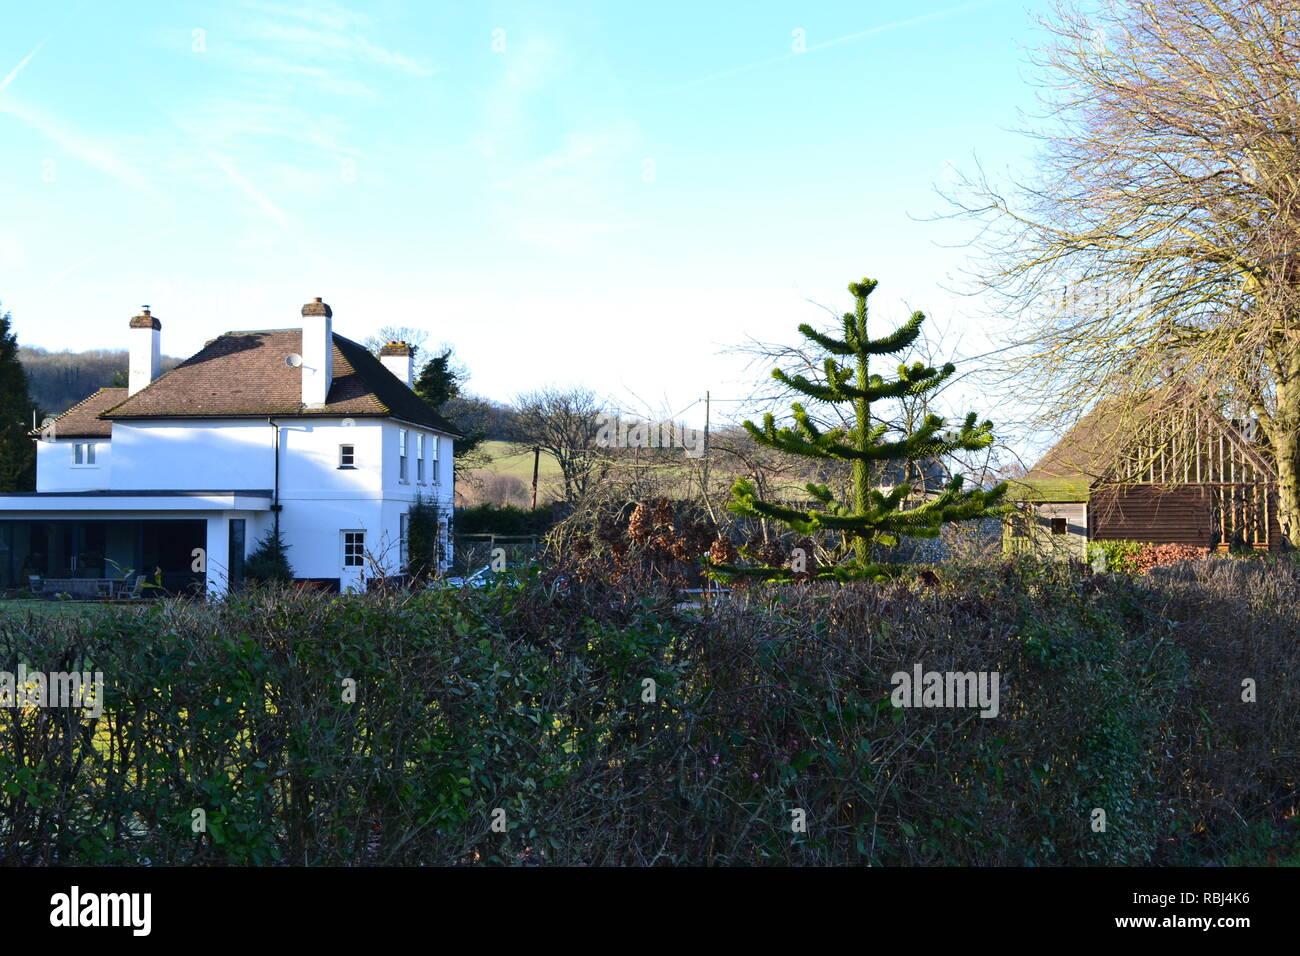 Una casa grande con araucaria y una elegante extensión en una aldea rural llamada Austin Lodge en Kent, cerca de Eynsford y Shoreham. Invierno Foto de stock